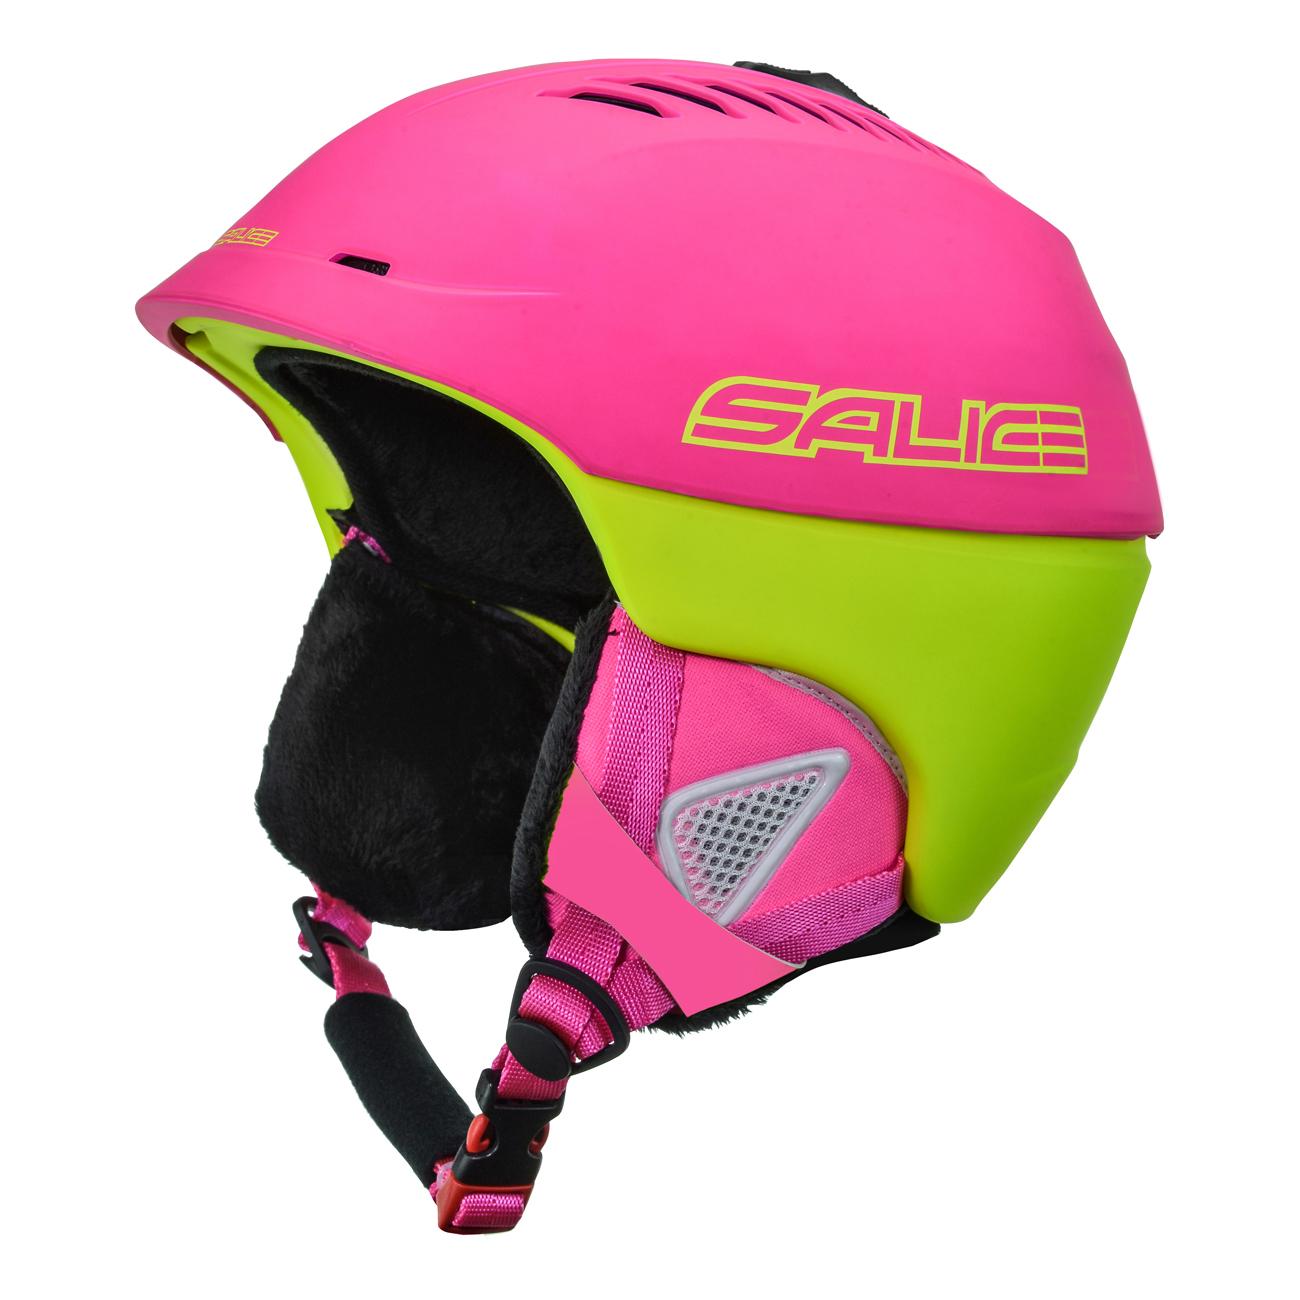 Зимний Шлем Salice 2016-17 XTREME FUCHSIA